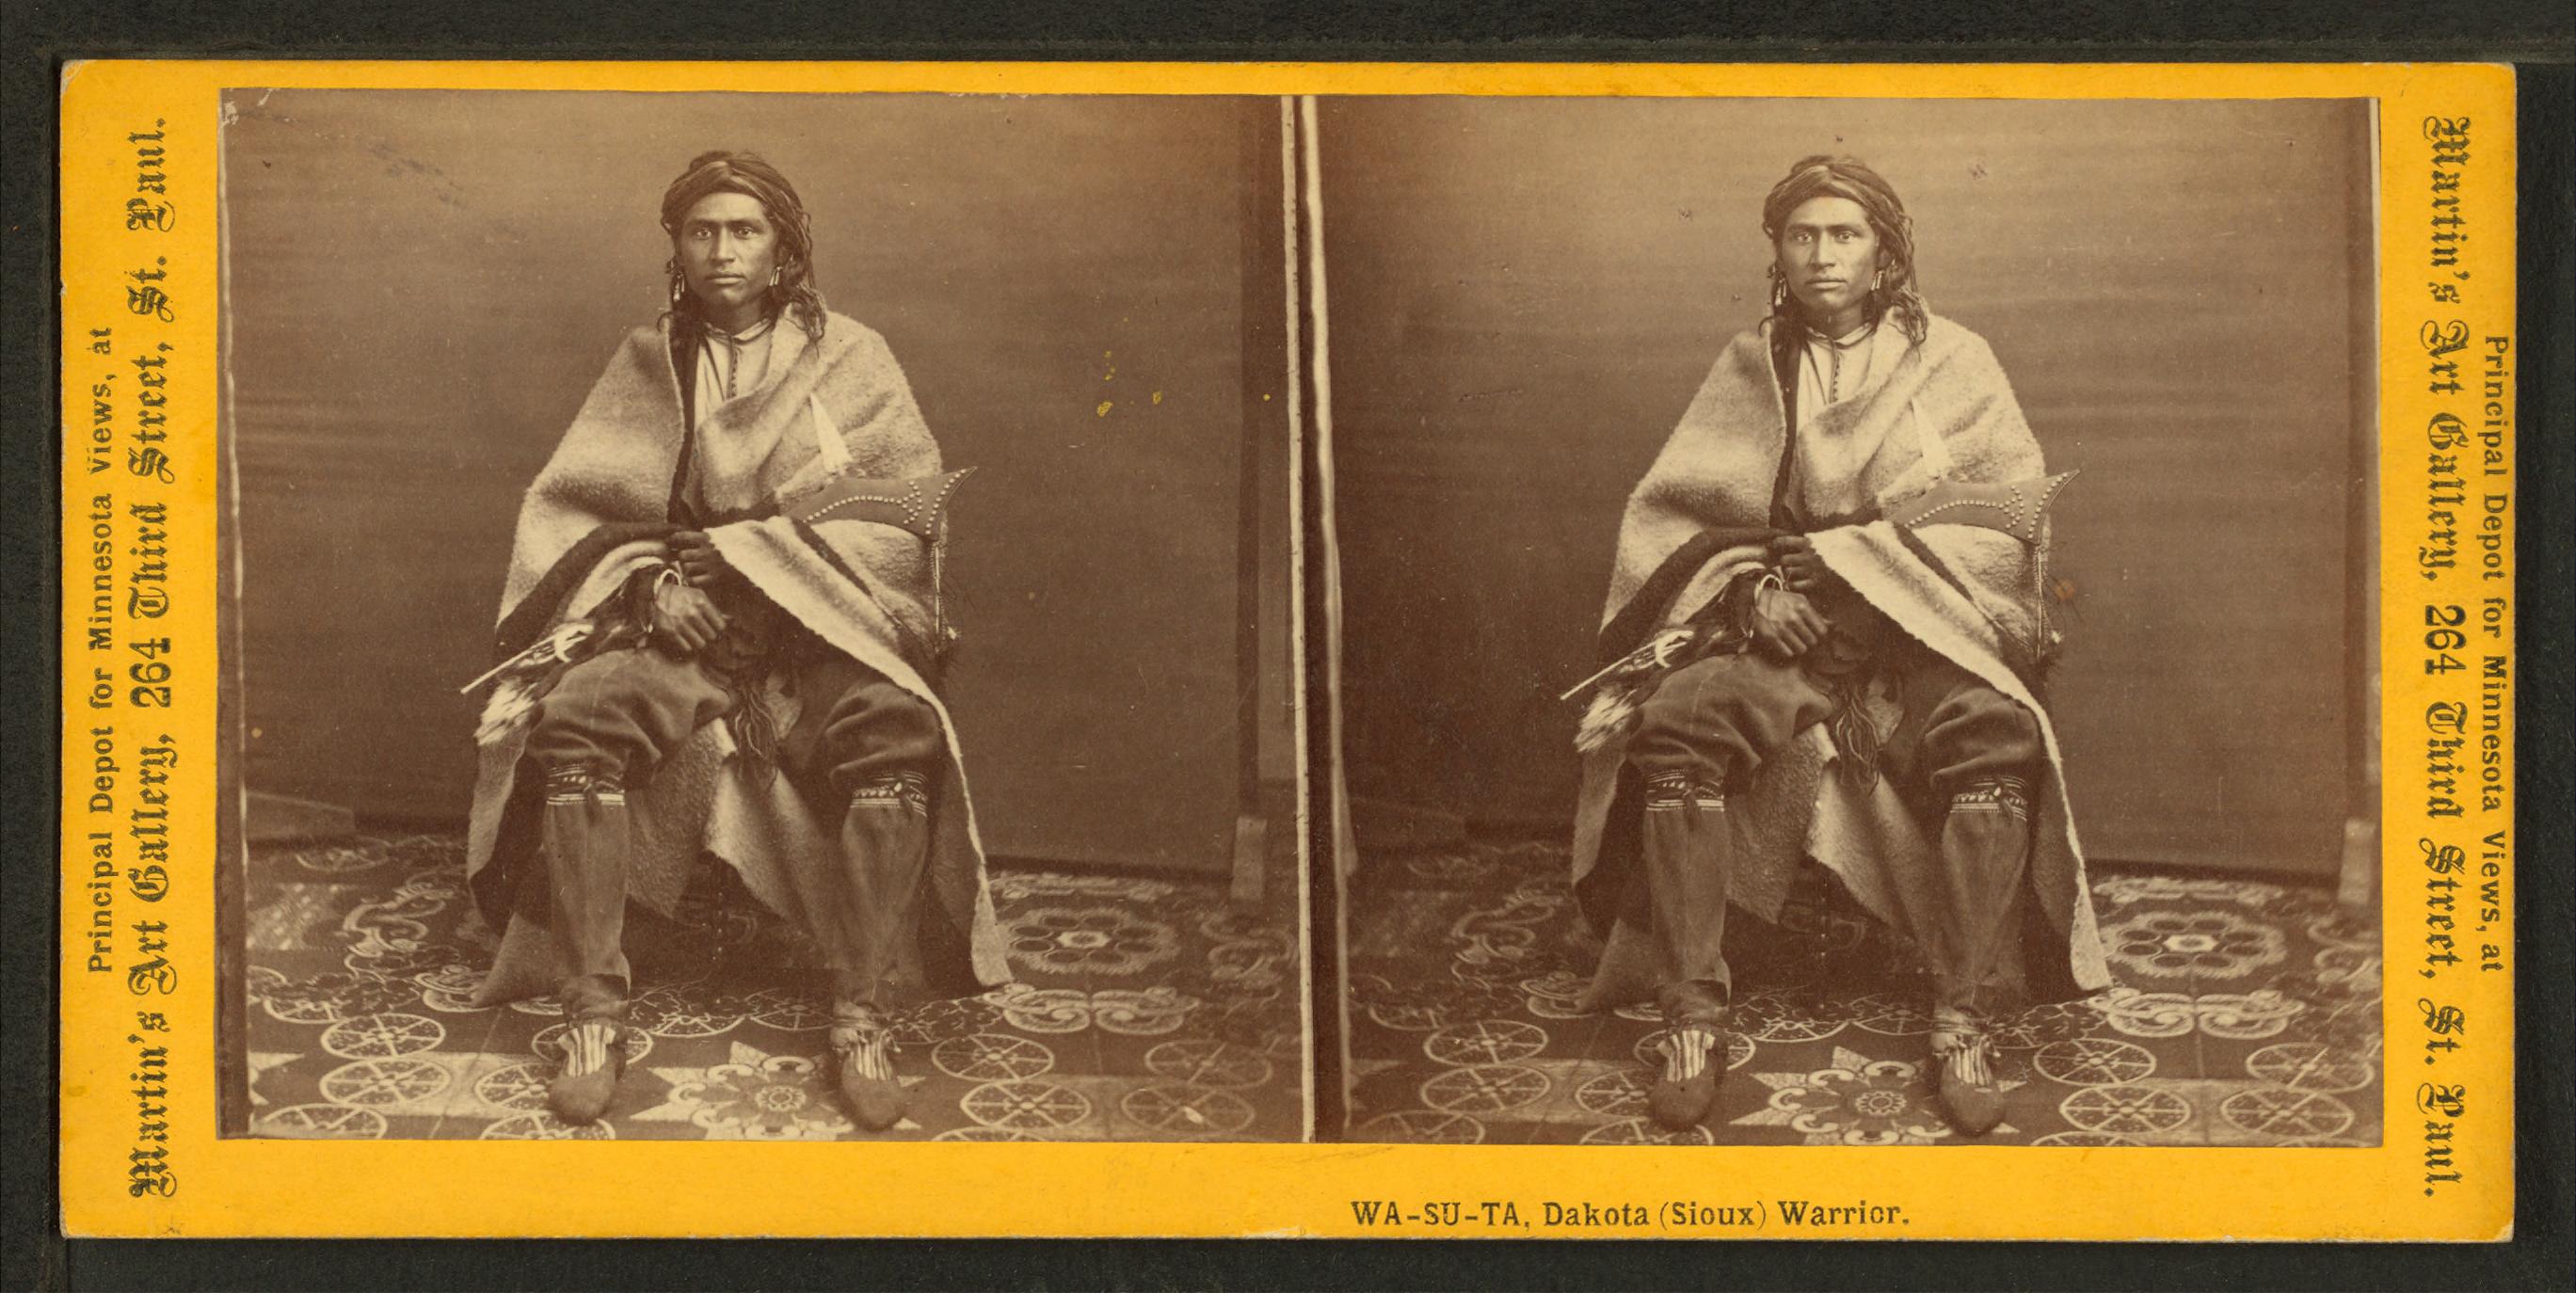 File:Wa-Su-Ta, Dakota (Sioux) warrior, by Martin's Art